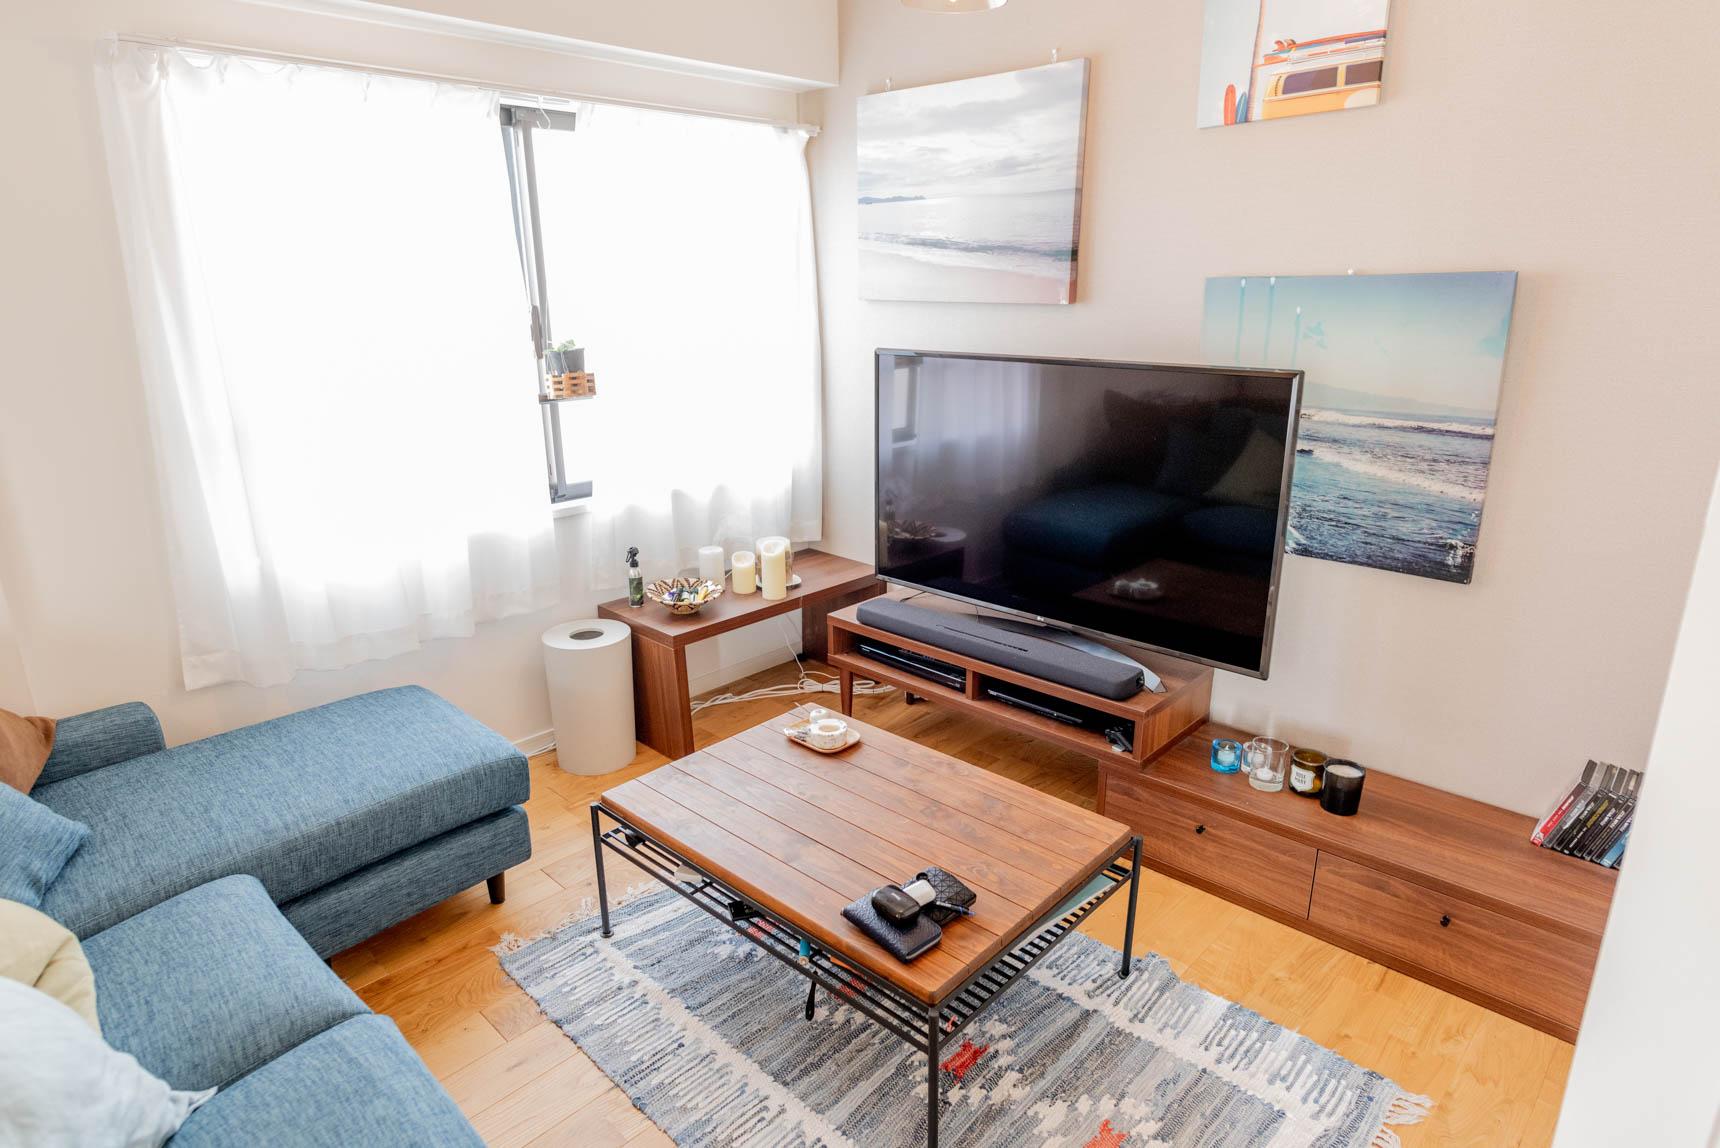 リノベで誕生したL字のリビング。元和室だった部分は、大きなソファを置いて落ち着くスペースに